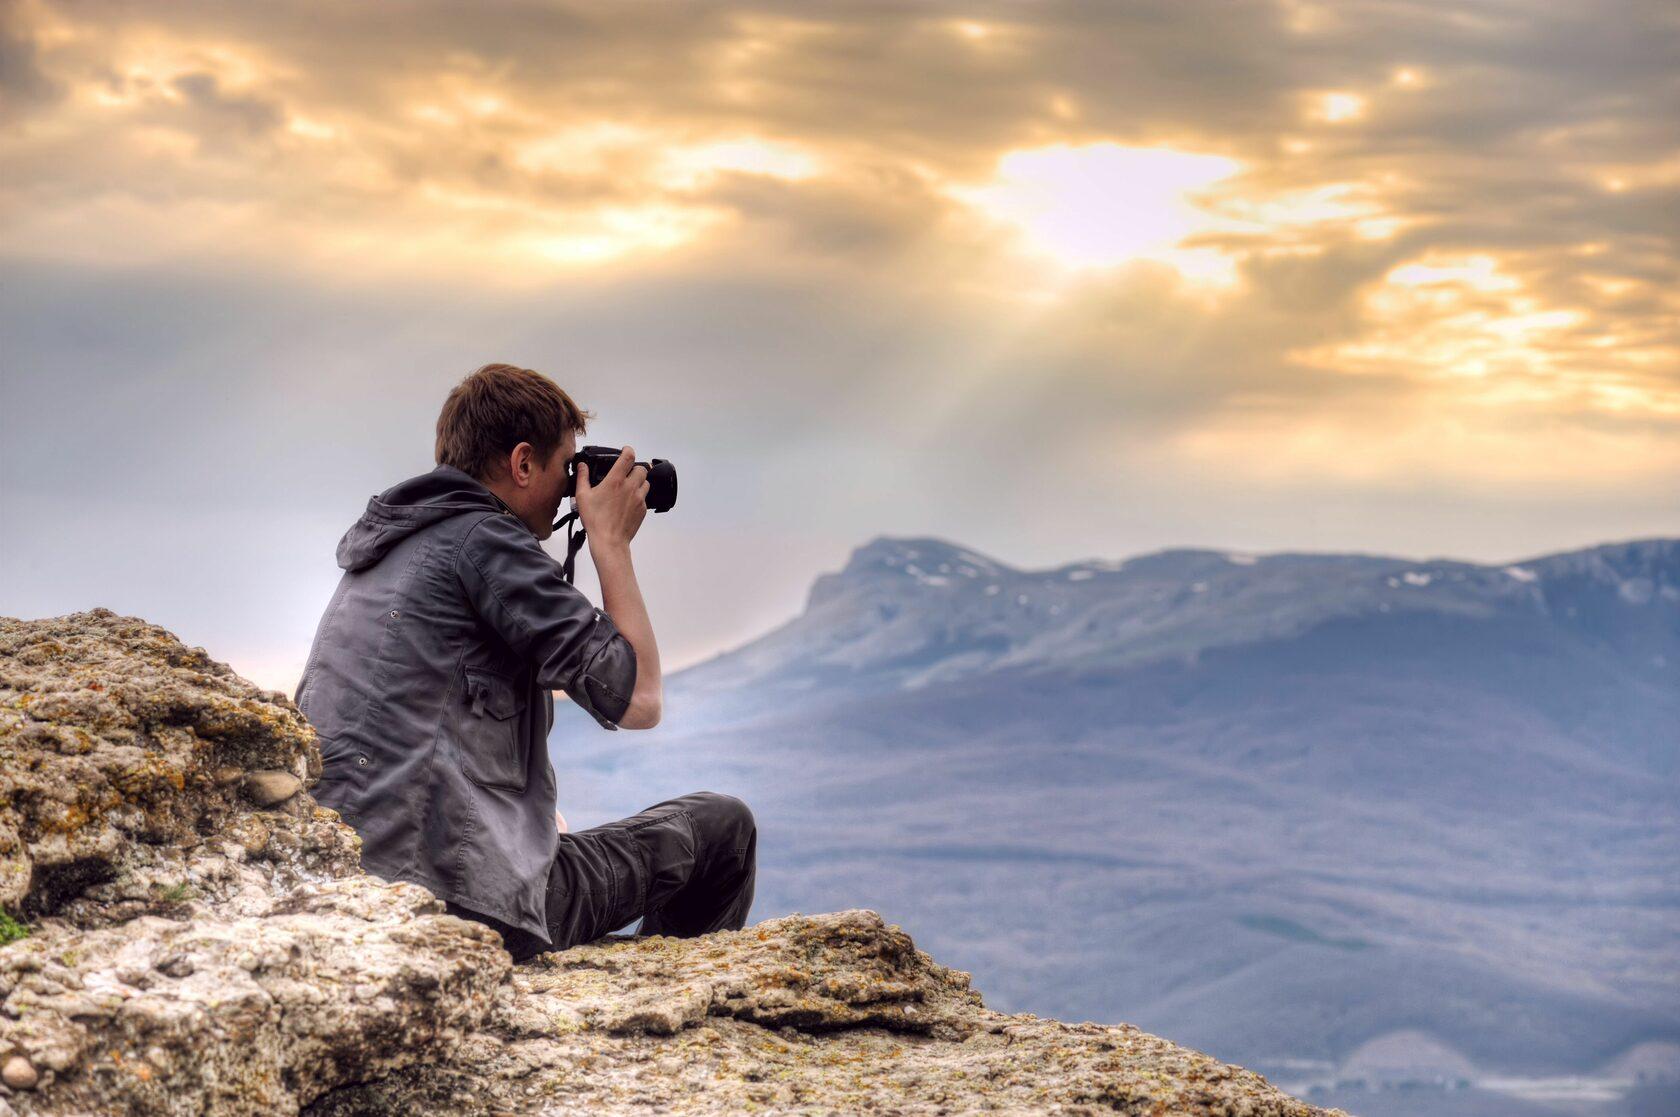 Хотите стать фотографом? Прочтите наши рекомендации от лучших преподавателей Беларуси